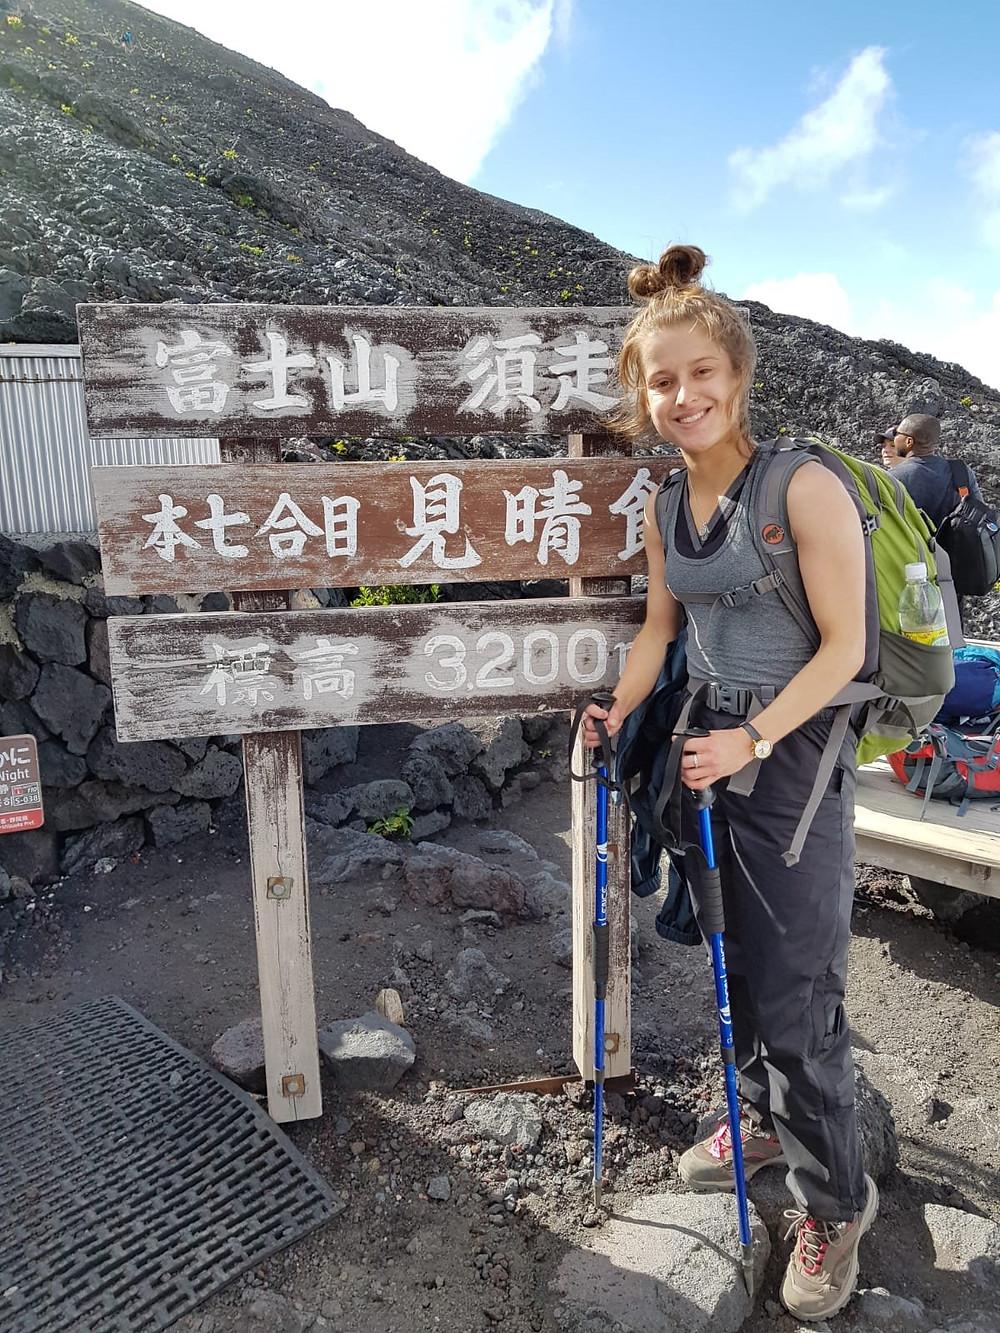 Mount Fuji mountain hut